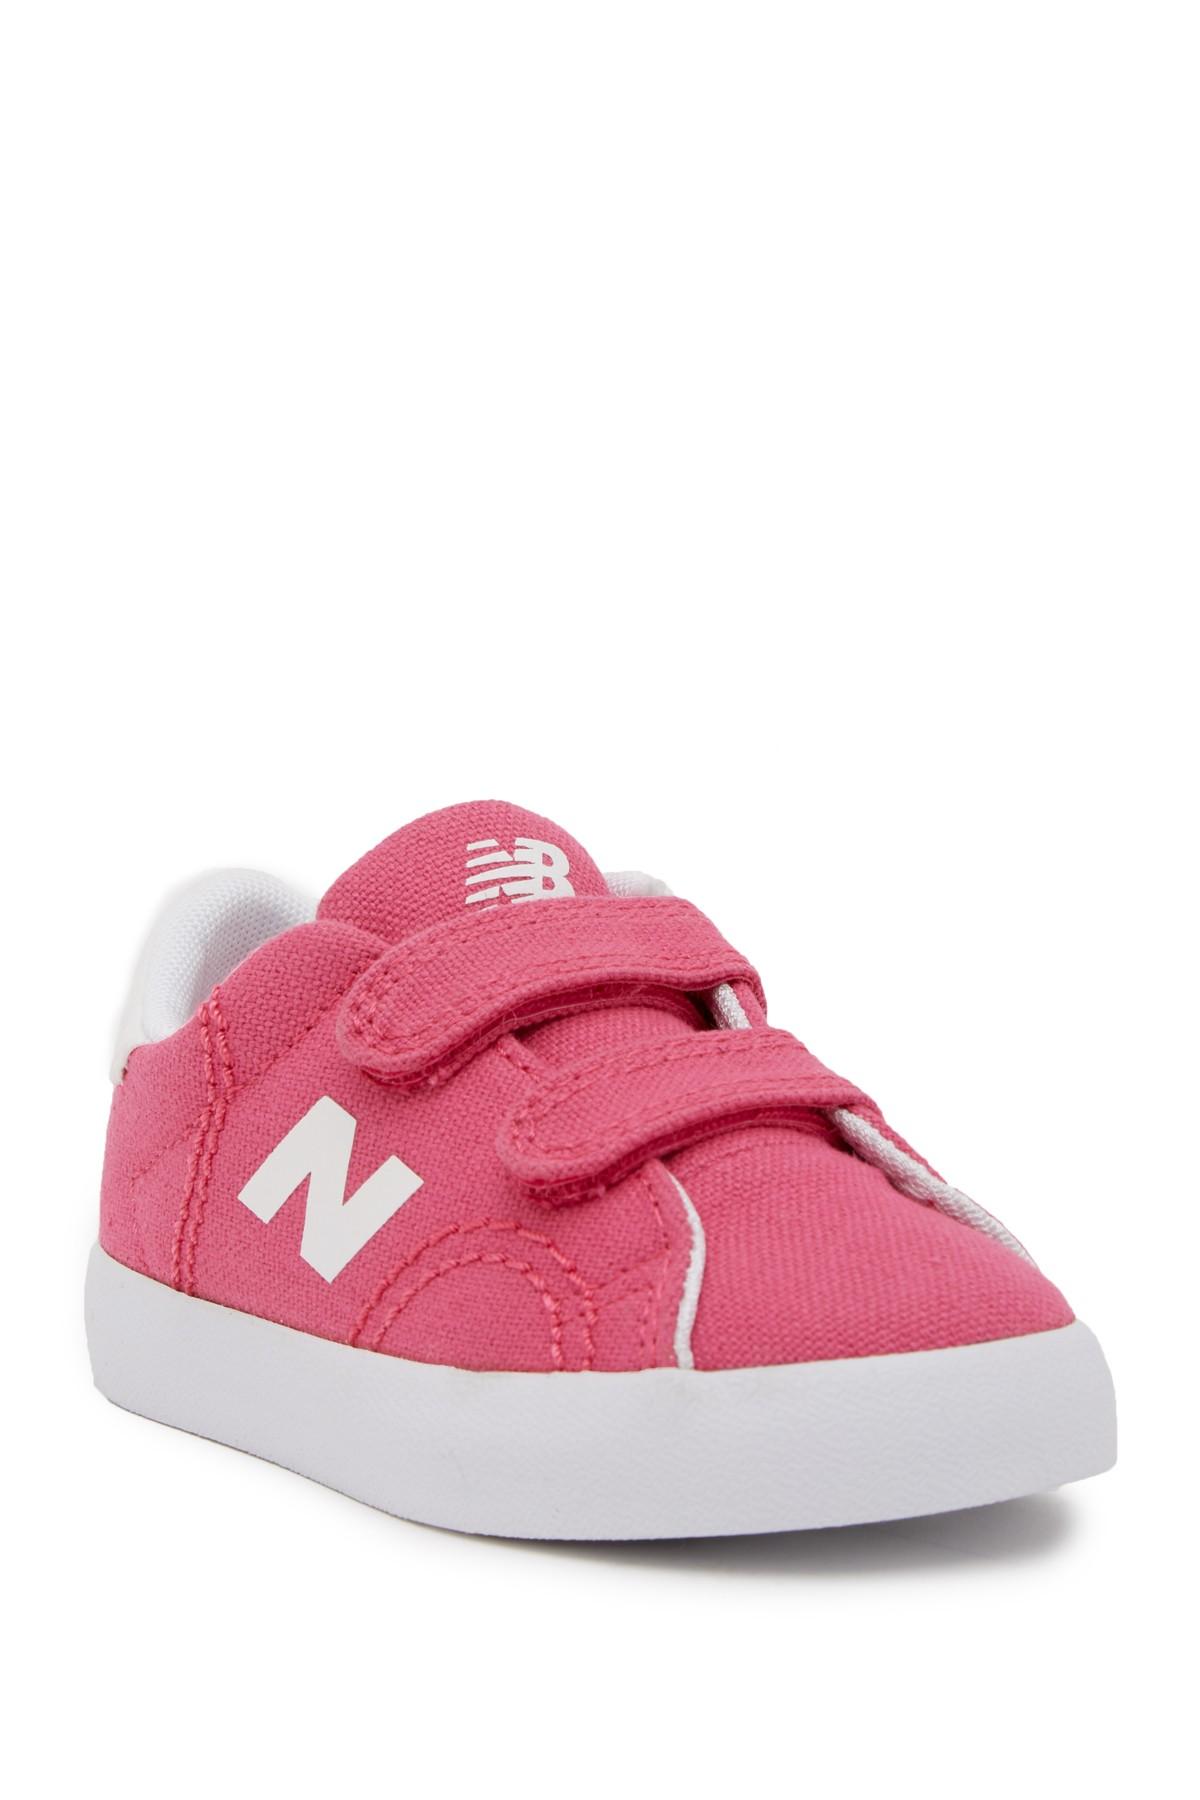 New Balance Girls KVCRTPWI Fabric Low Top Velcro Walking Pink Size 7 W TODDLER